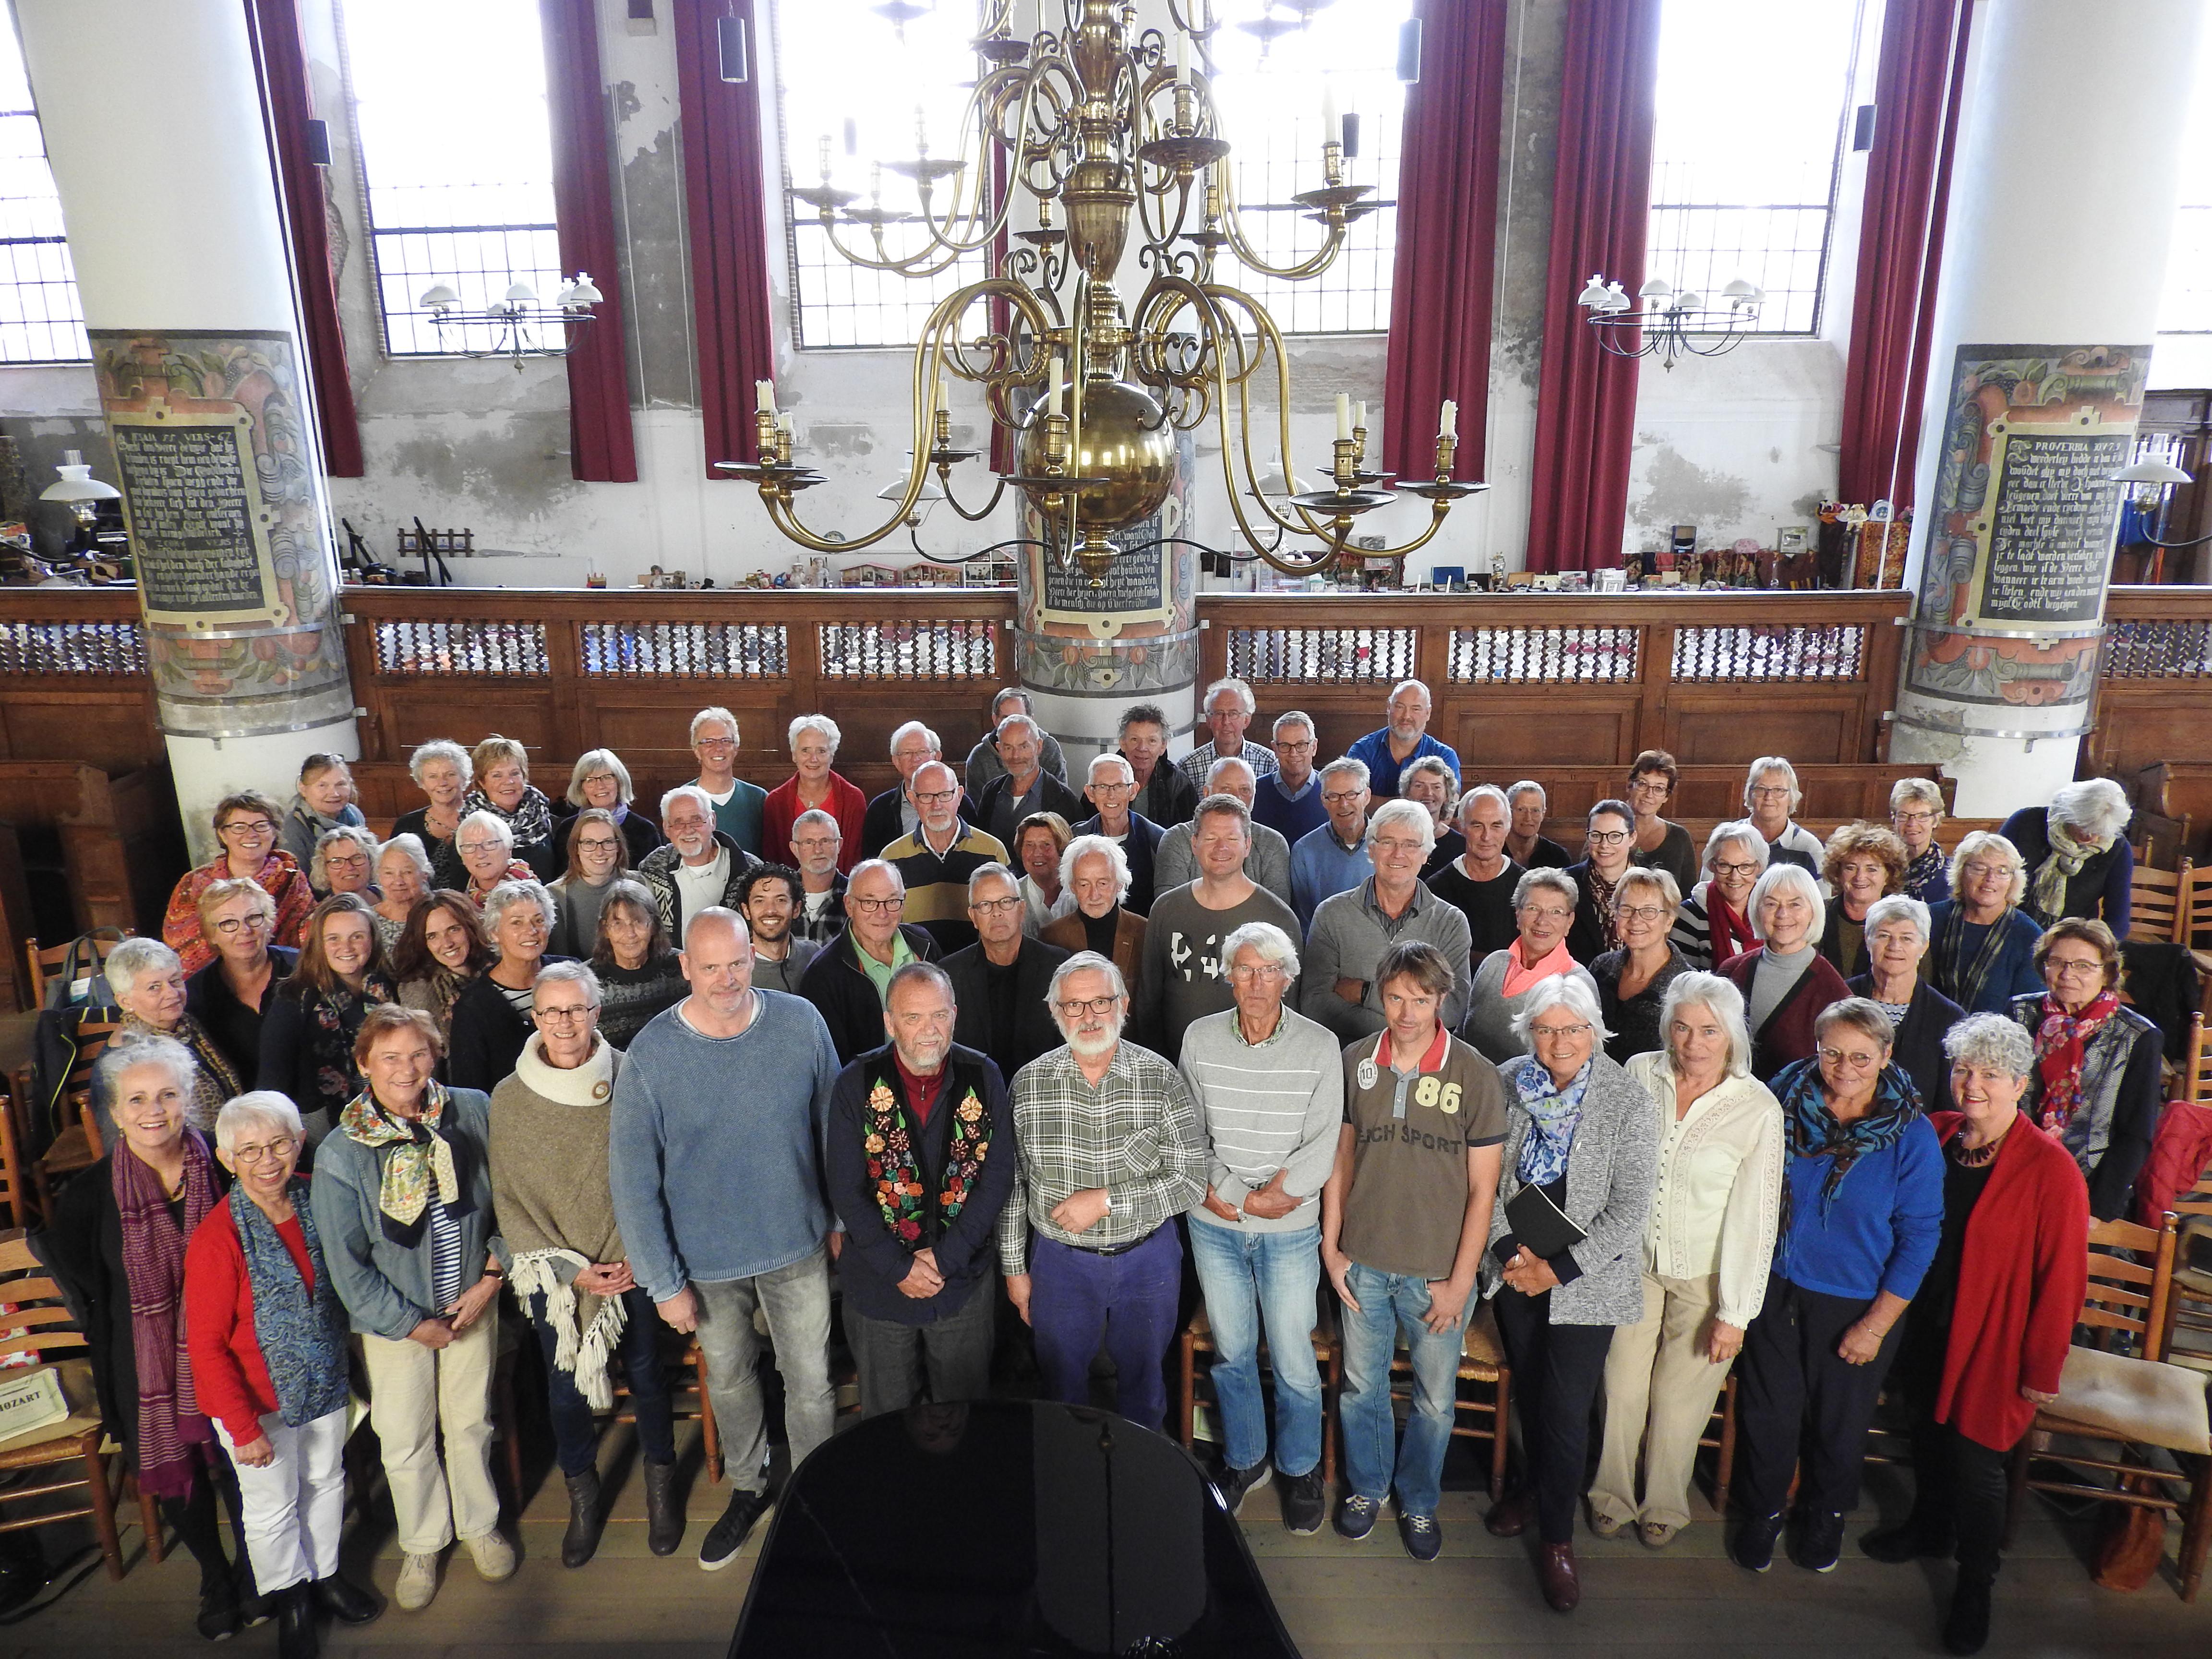 Het projectkoor Mozart's Requiem bestaat uit zo'n zeventig koorleden uit heel West-Friesland. (Foto: aangeleverd)